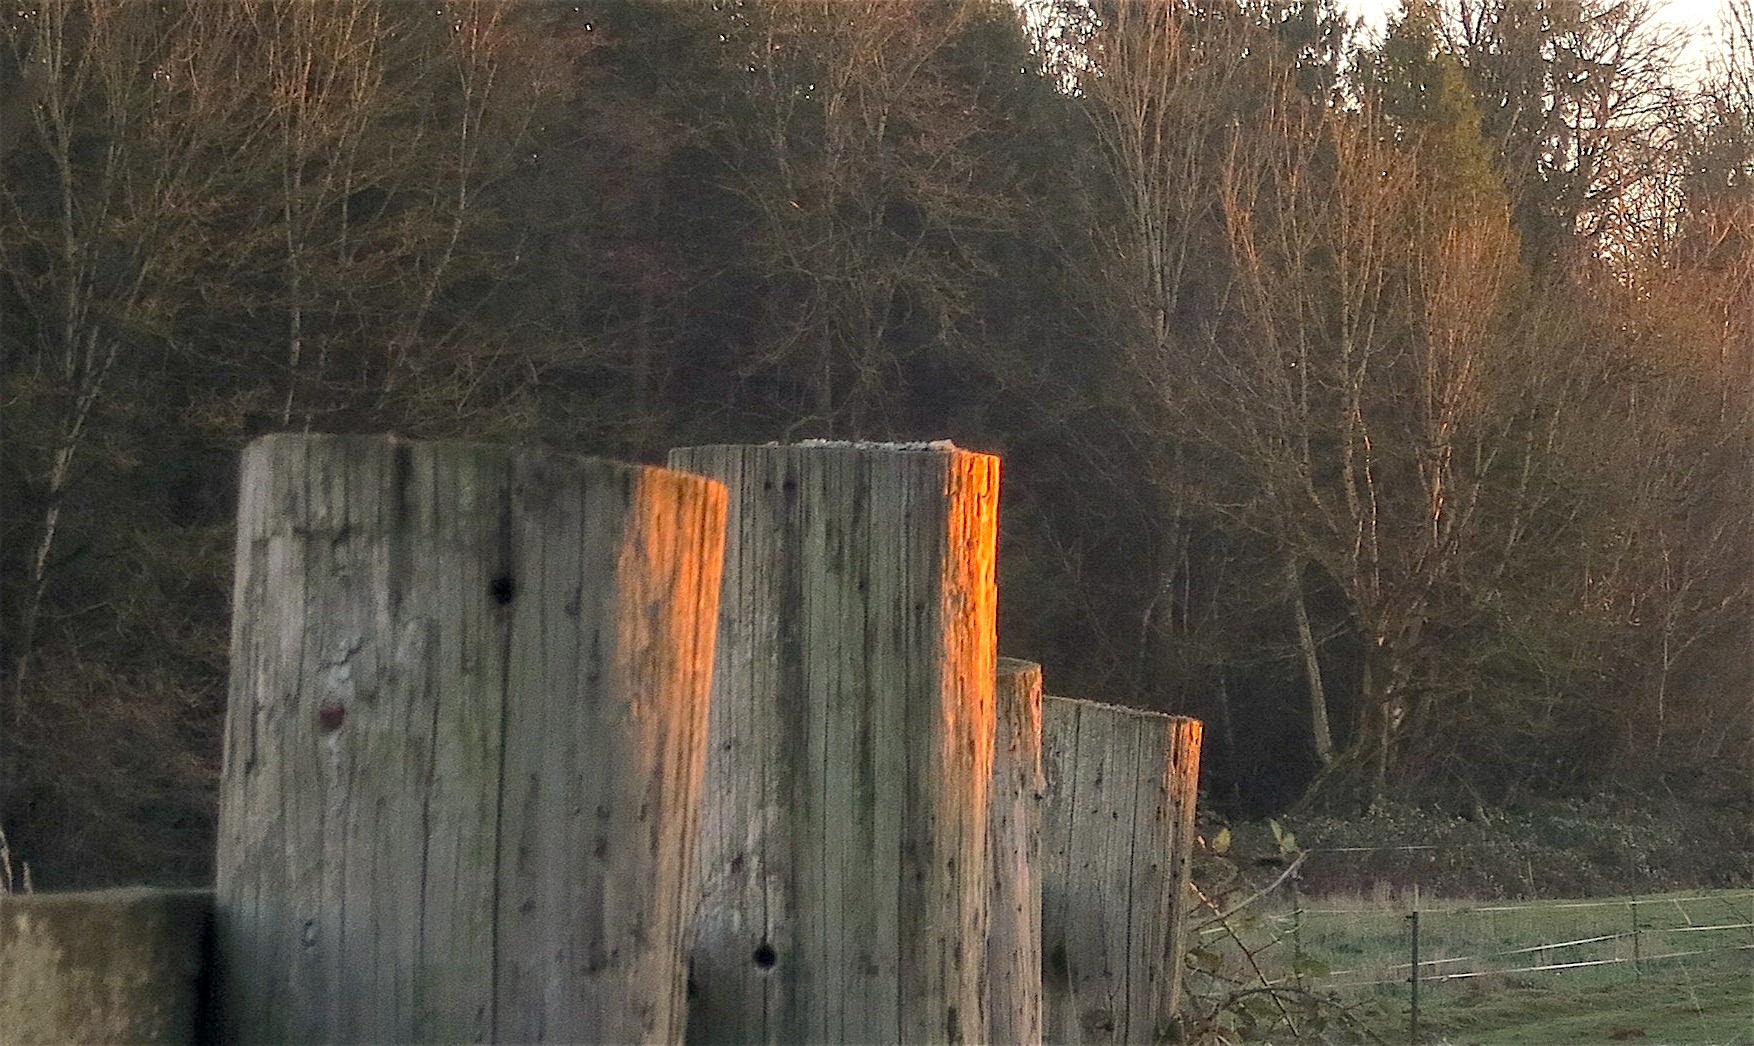 fencepostssunset